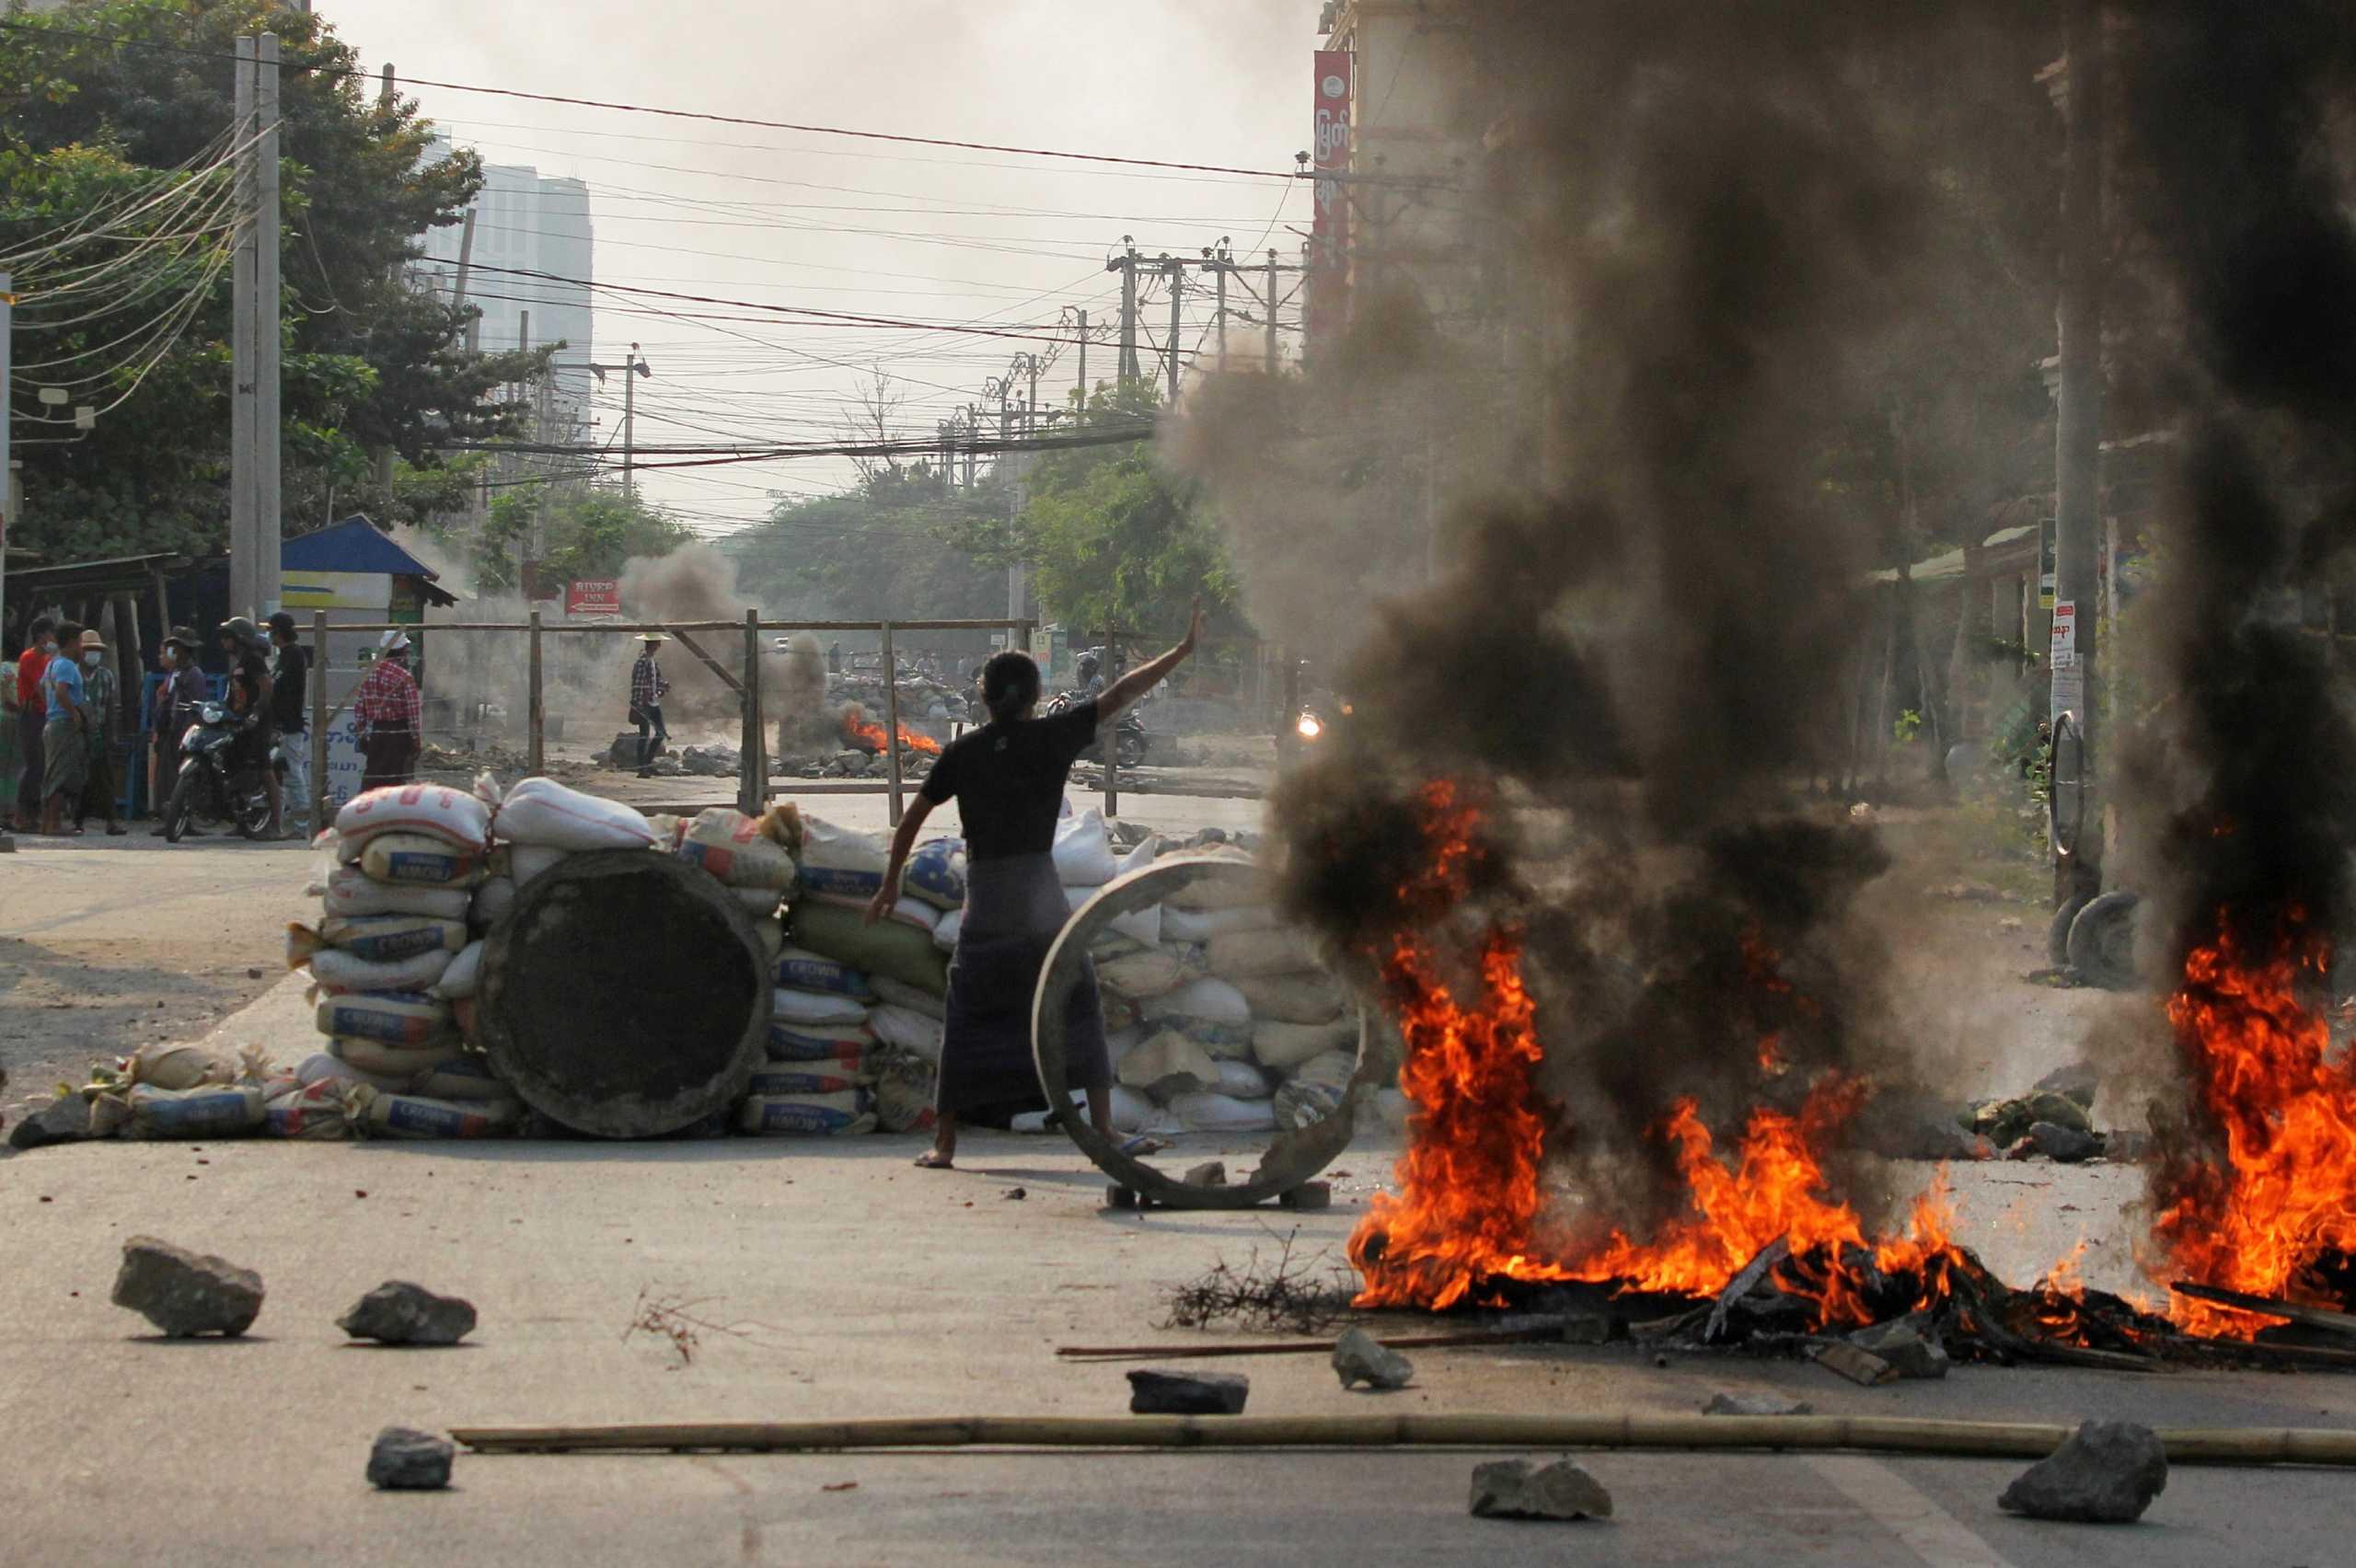 Πραξικόπημα Μιανμάρ: Συνεχίζονται οι διαδηλώσεις – Ελεύθερος αφέθηκε δημοσιογράφος του BBC (pics, vids)